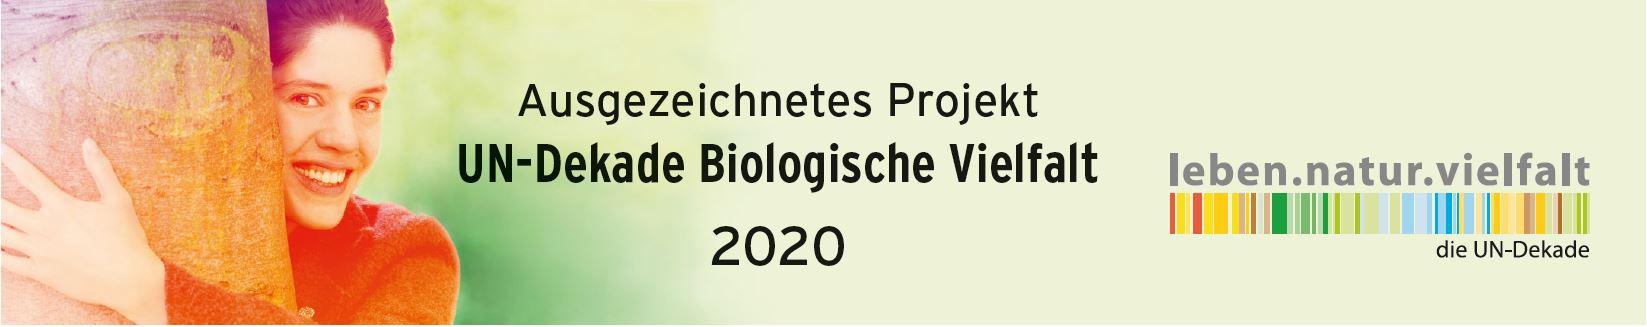 UN Dekade Biologische Vielfalt Logo